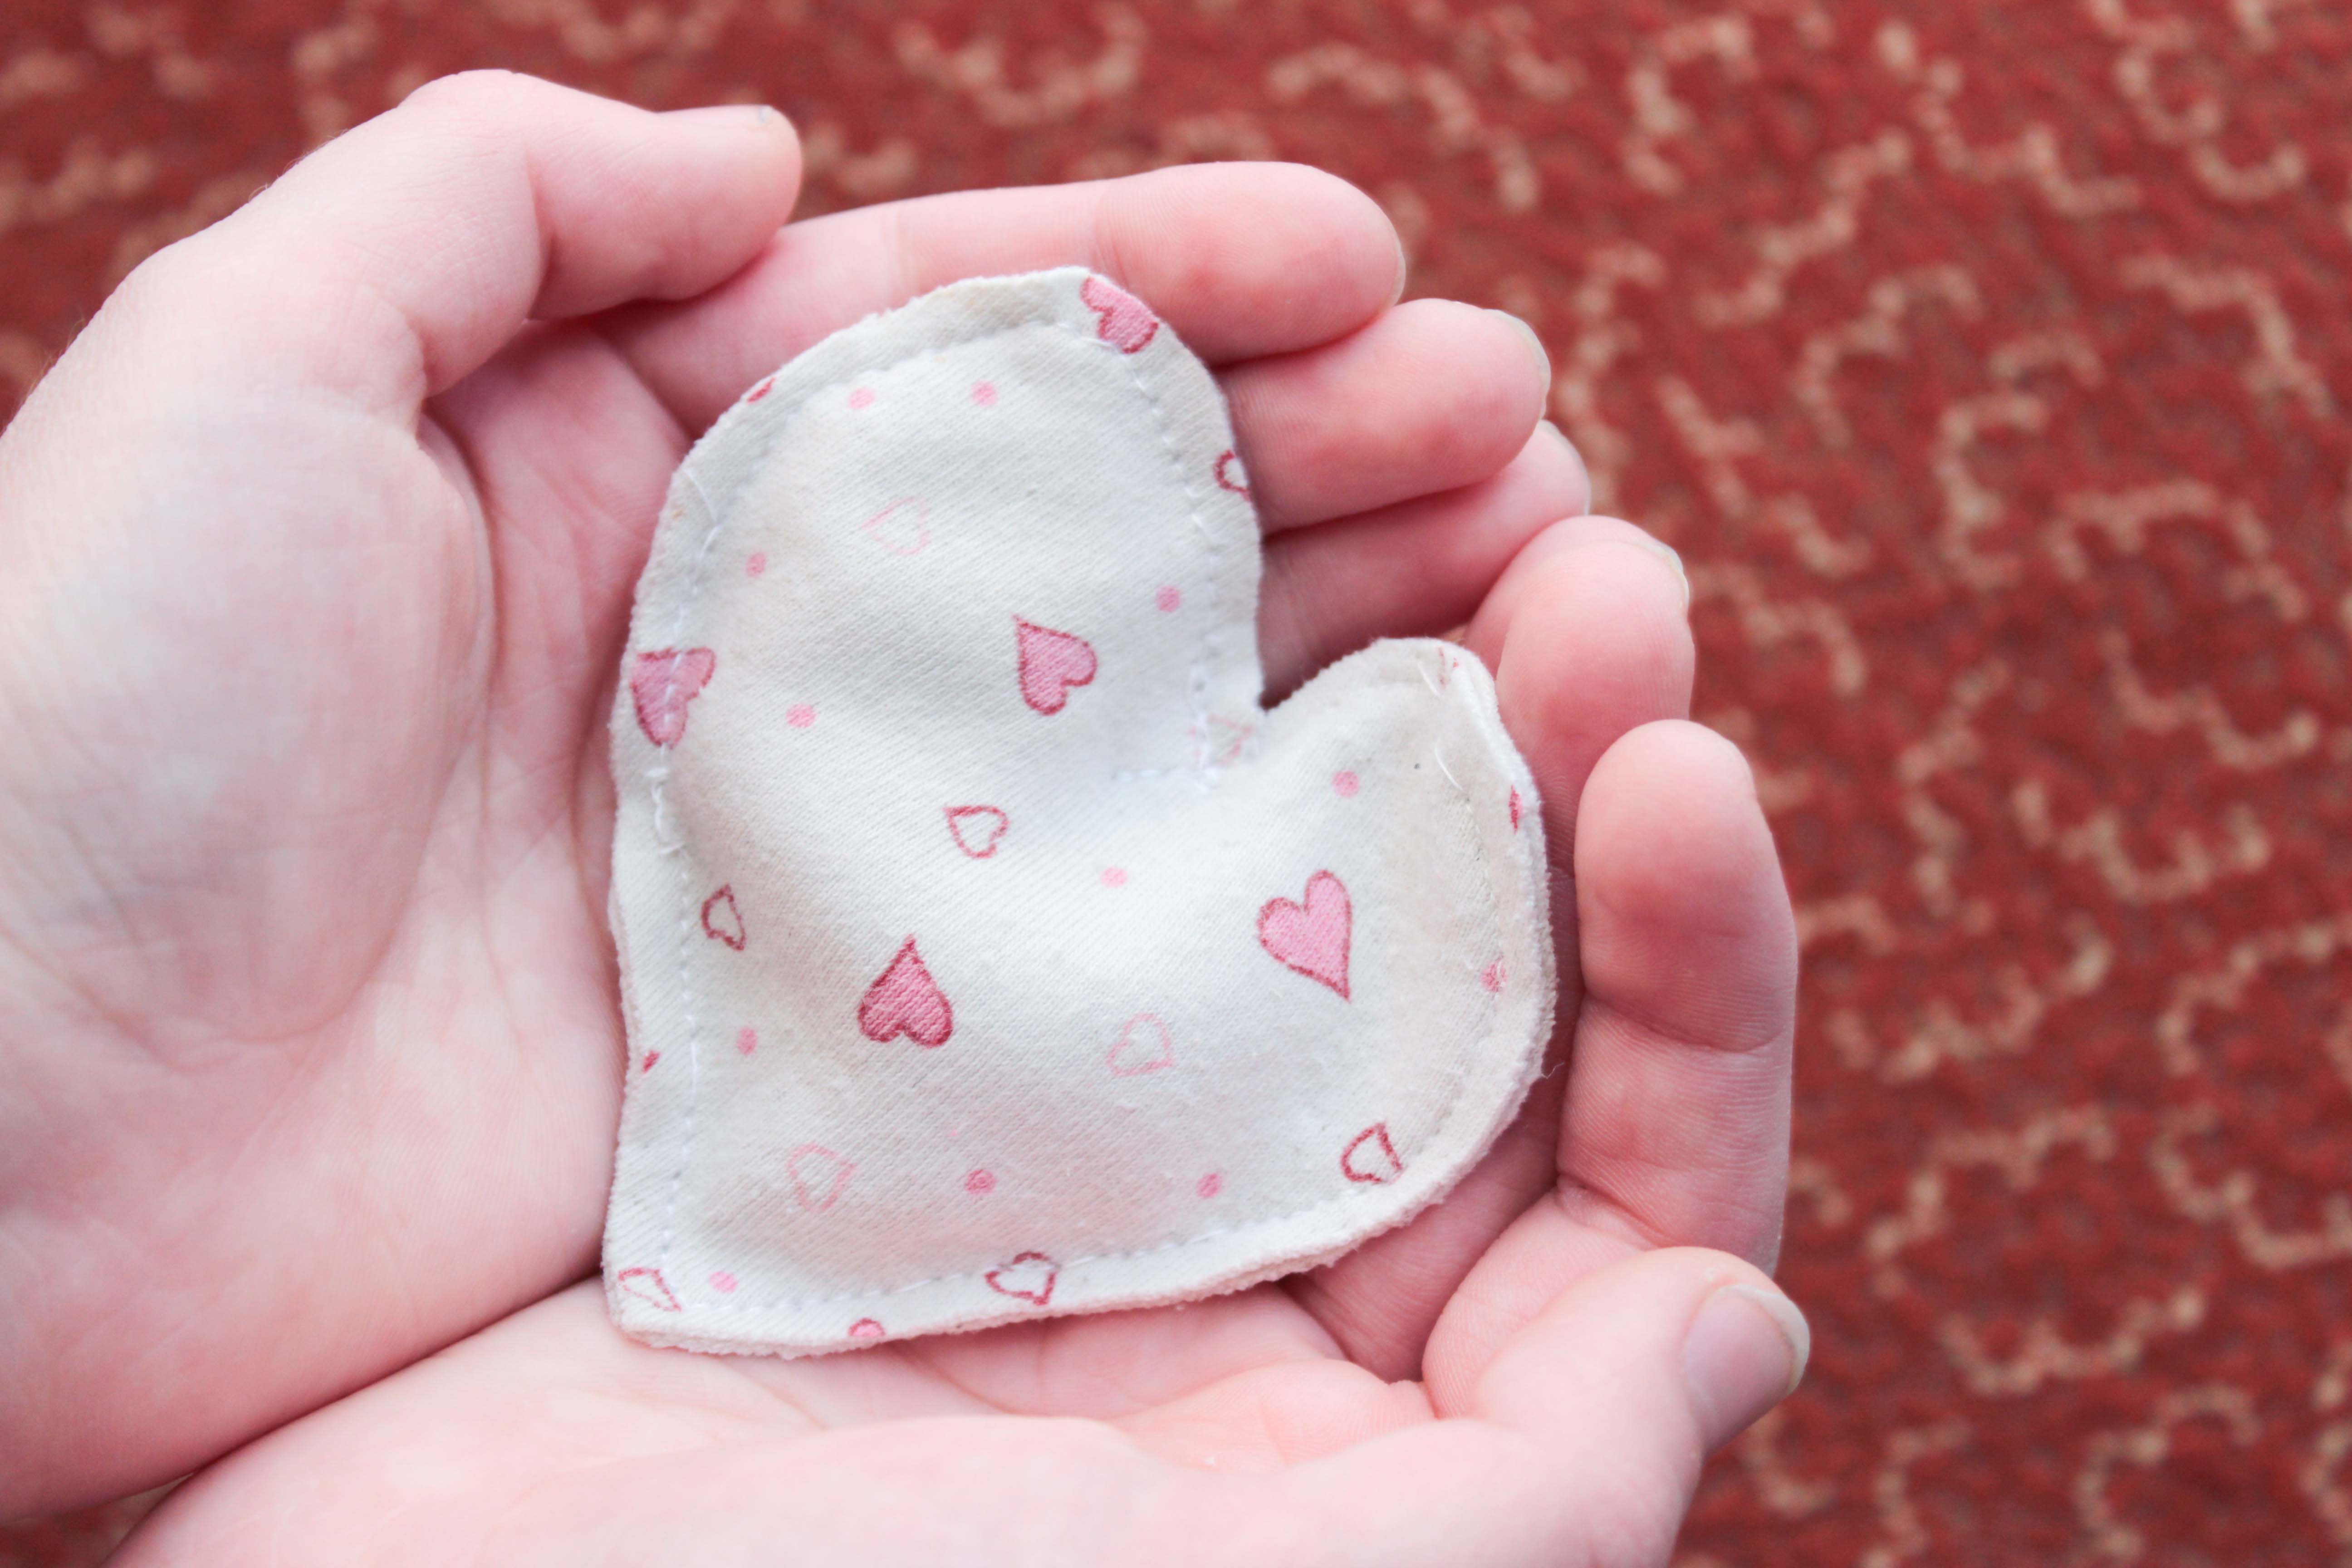 En hjärtformad värmekudde att värma händerna med.